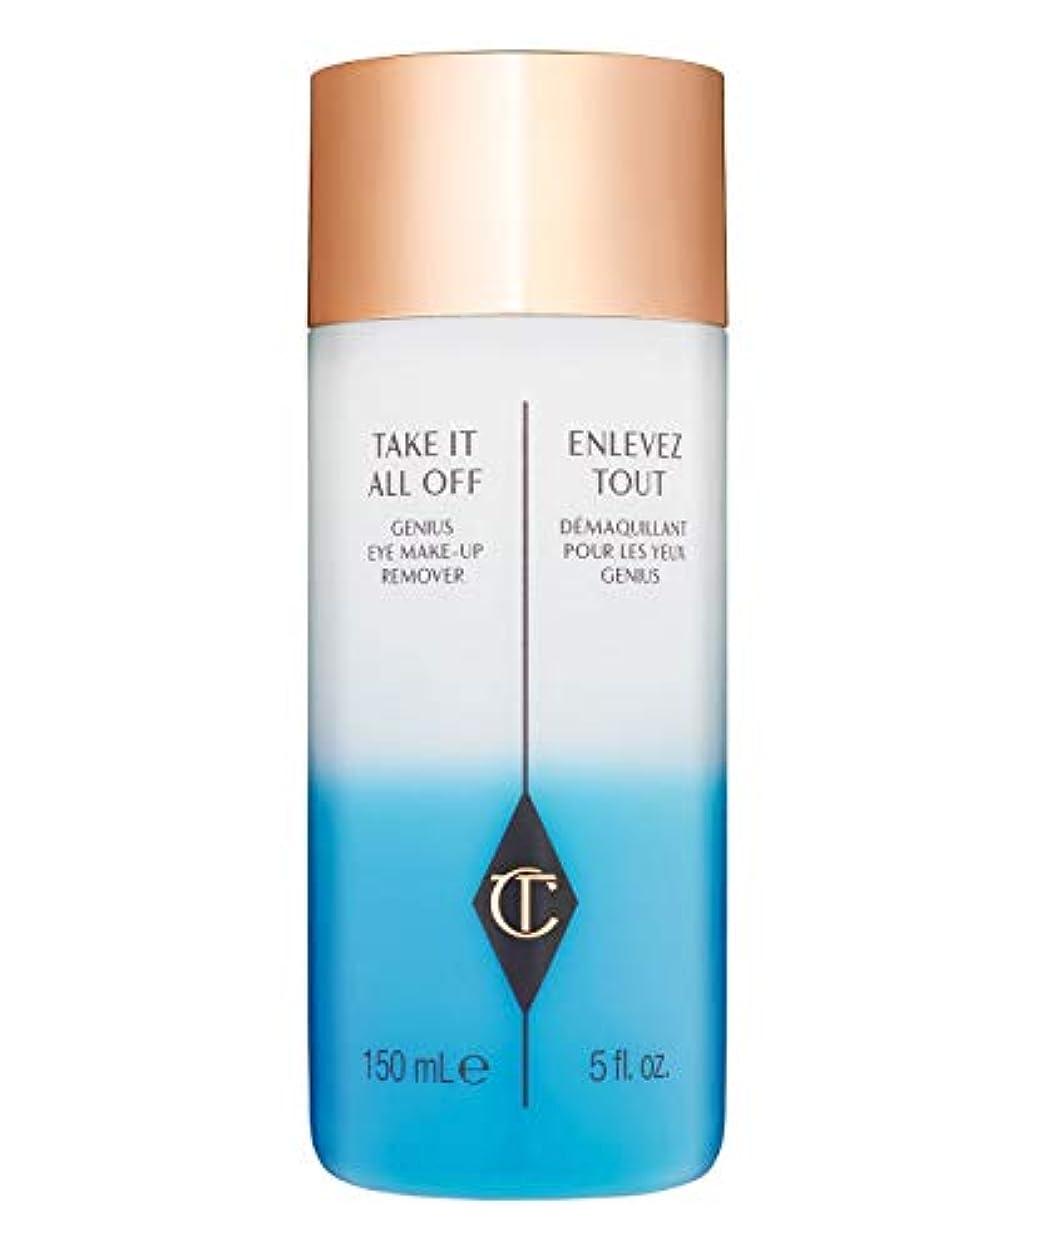 紫のボーナス振る舞うCharlotte Tilbury Take It All Off Genius Eye Make-up Remover 150ml シャーロットティルバリー